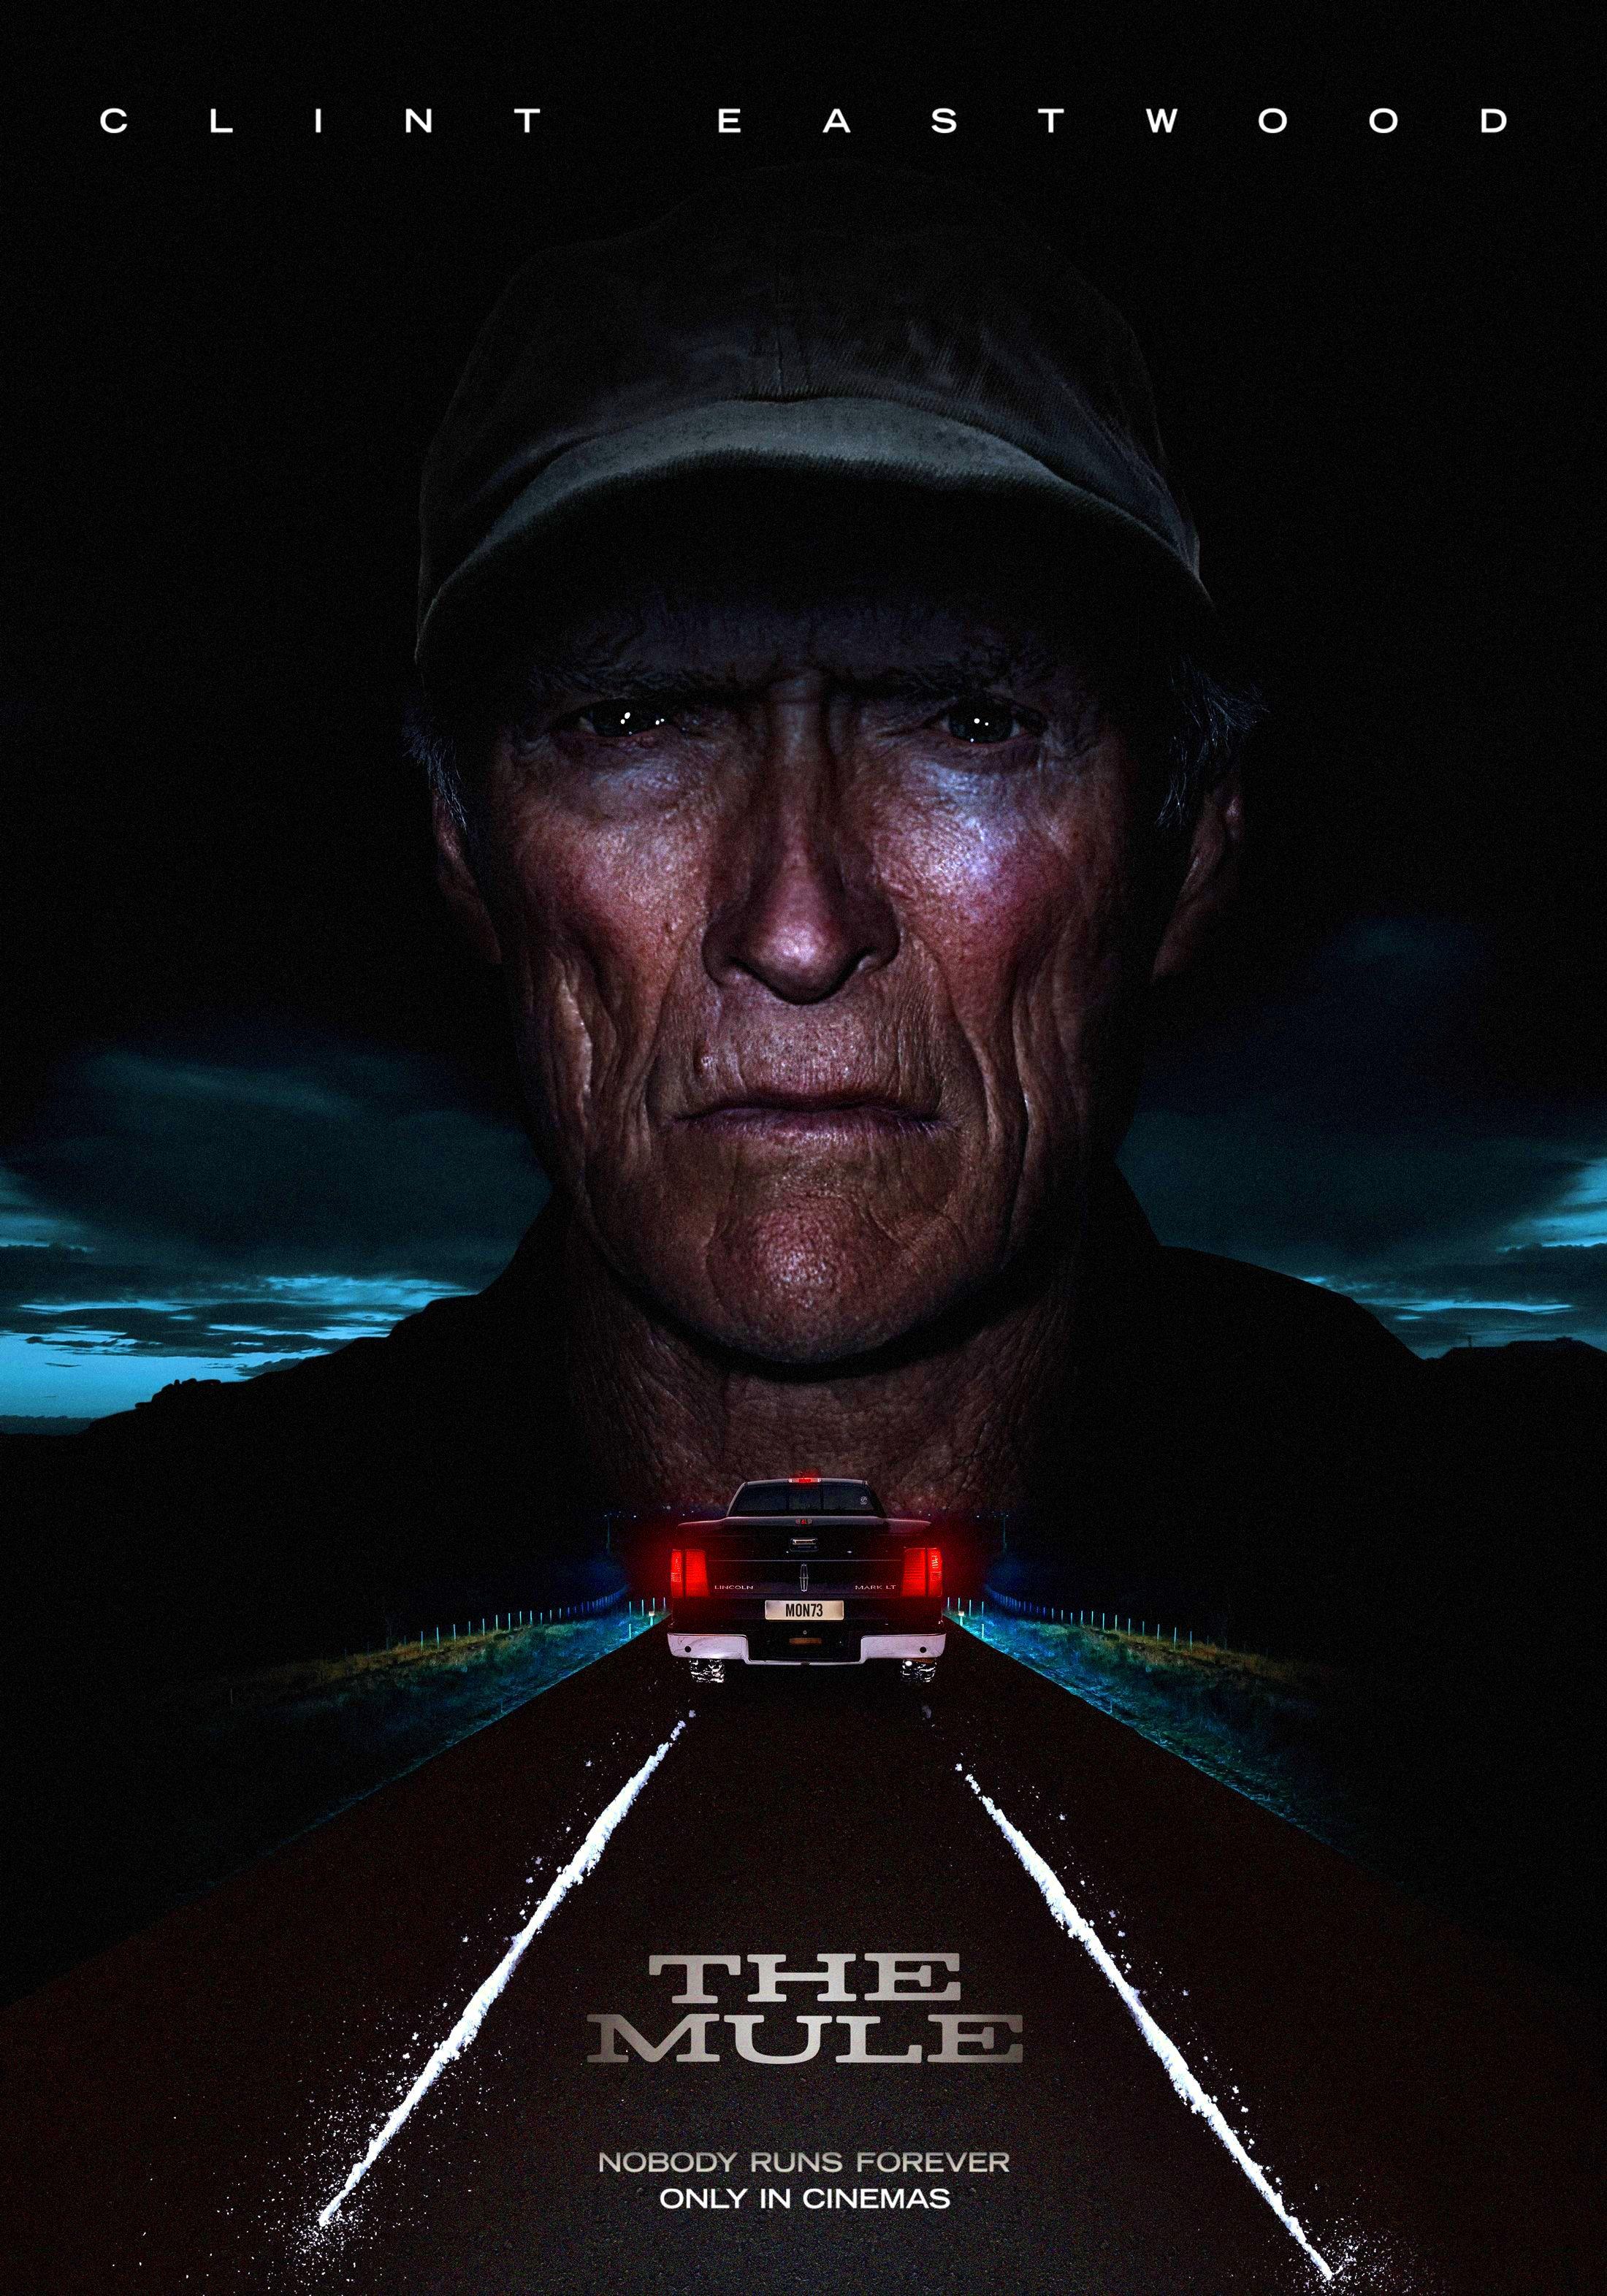 Pin Von Melody Auf Movie Art Poster Ii Clint Eastwood Ganze Filme Kino Film